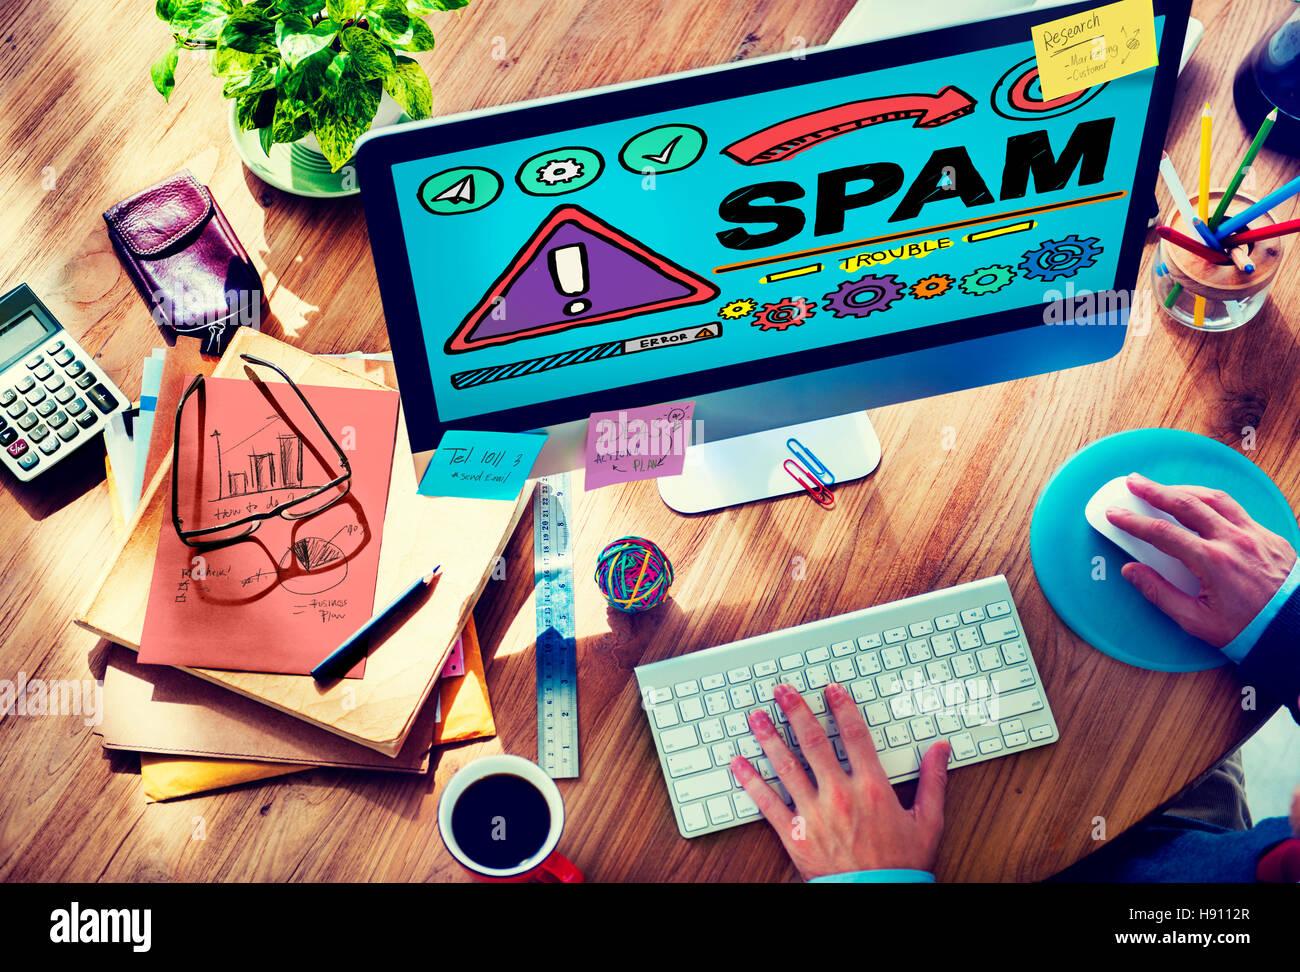 Il problema dello spam Virus Malware Online il concetto di hacking Immagini Stock